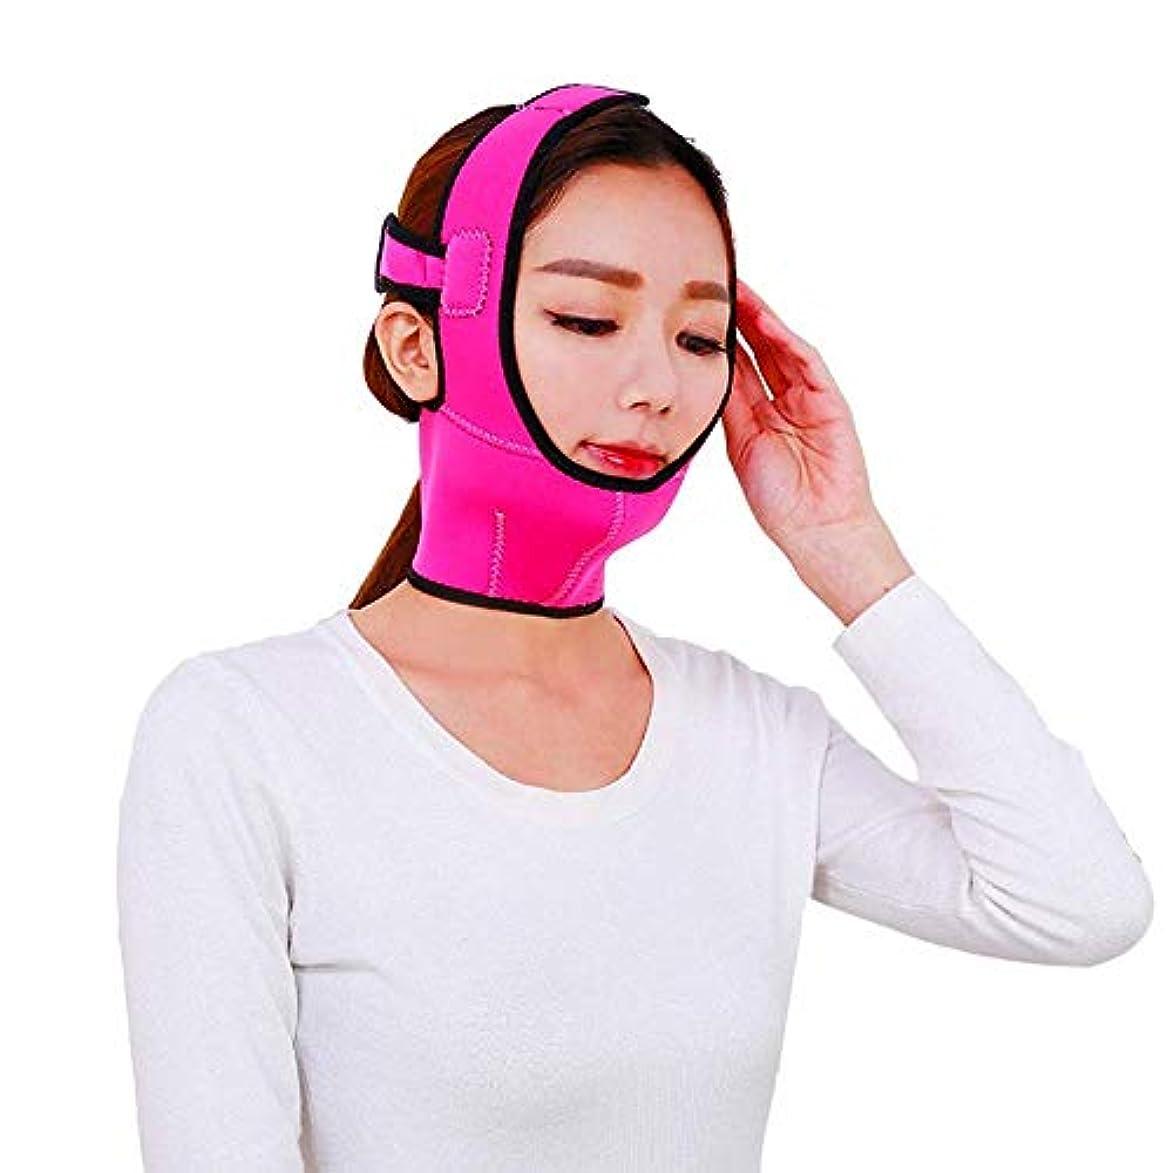 下る不従順ピカリング二重あごの顔の持ち上がるマスクVfaceの顔の小さい顔の持ち上がる用具をきつく締める通気性の顔の持ち上がる包帯